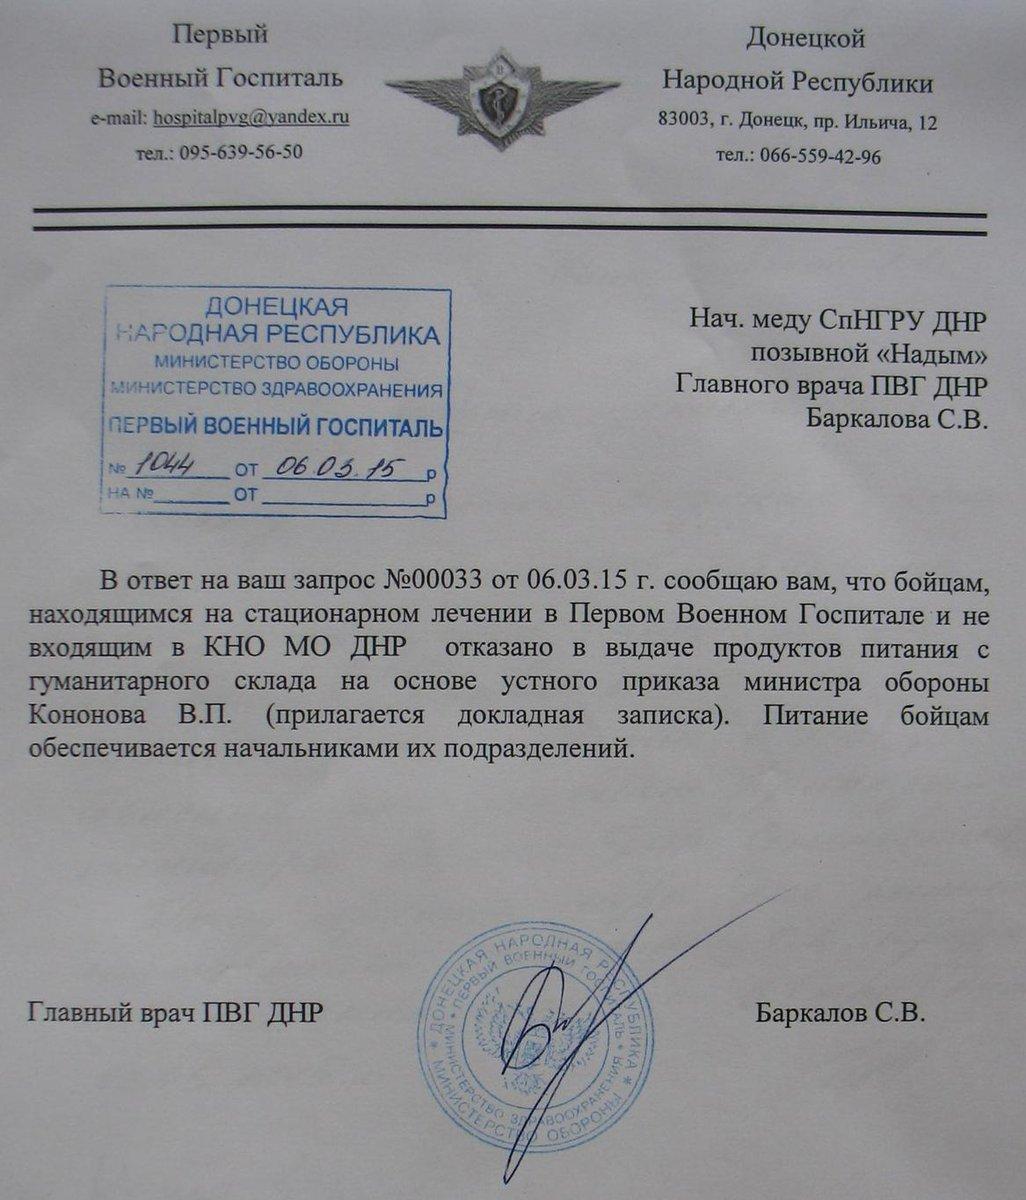 S&P снизило рейтинги крупных российских страховых компаний - Цензор.НЕТ 252